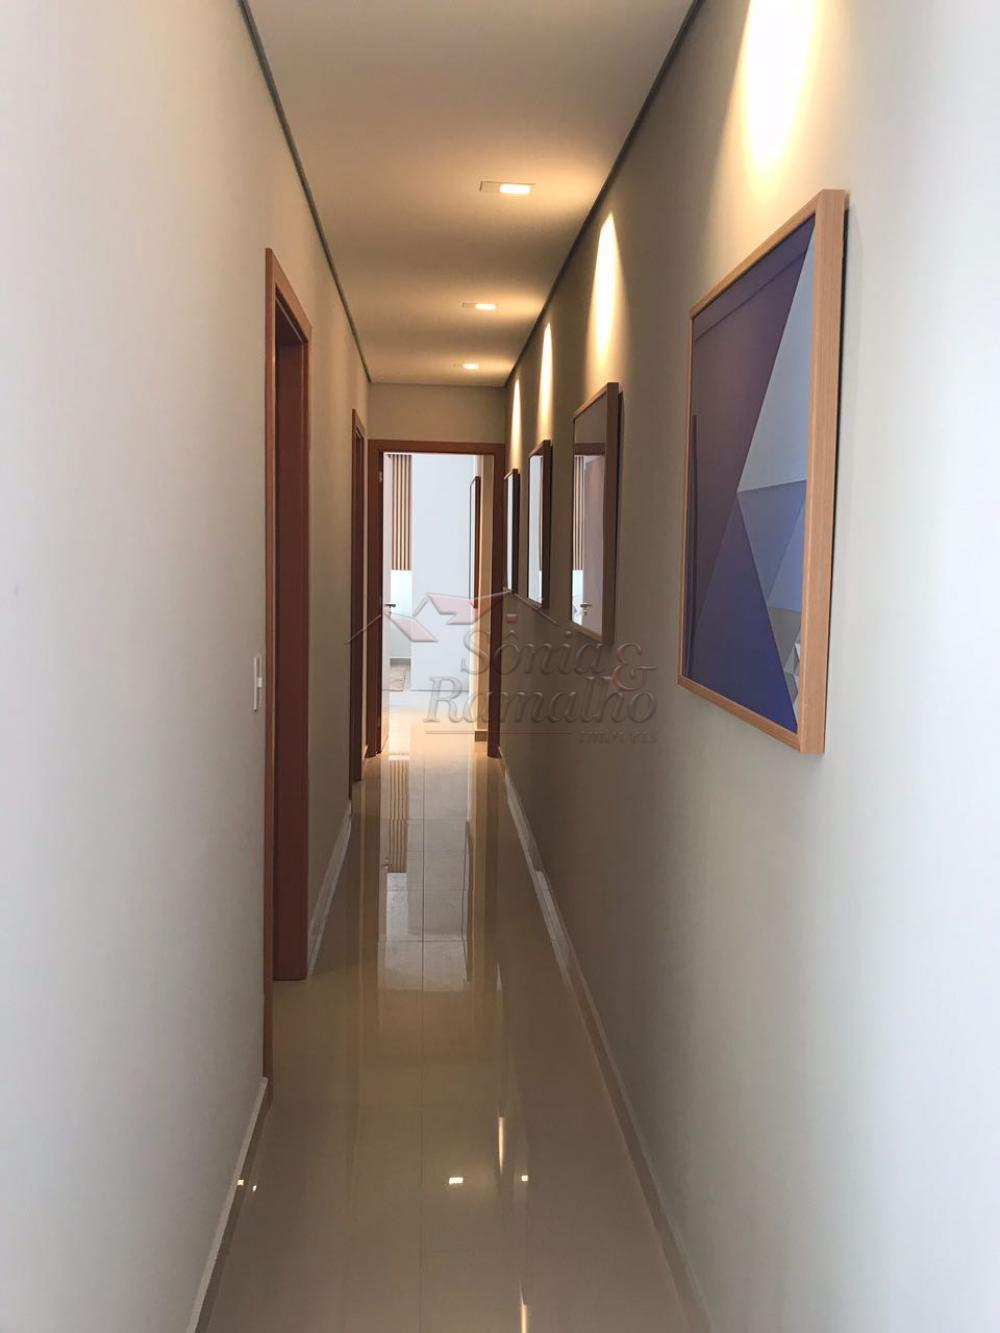 Comprar Apartamentos / Padrão em Ribeirão Preto apenas R$ 650.000,00 - Foto 11